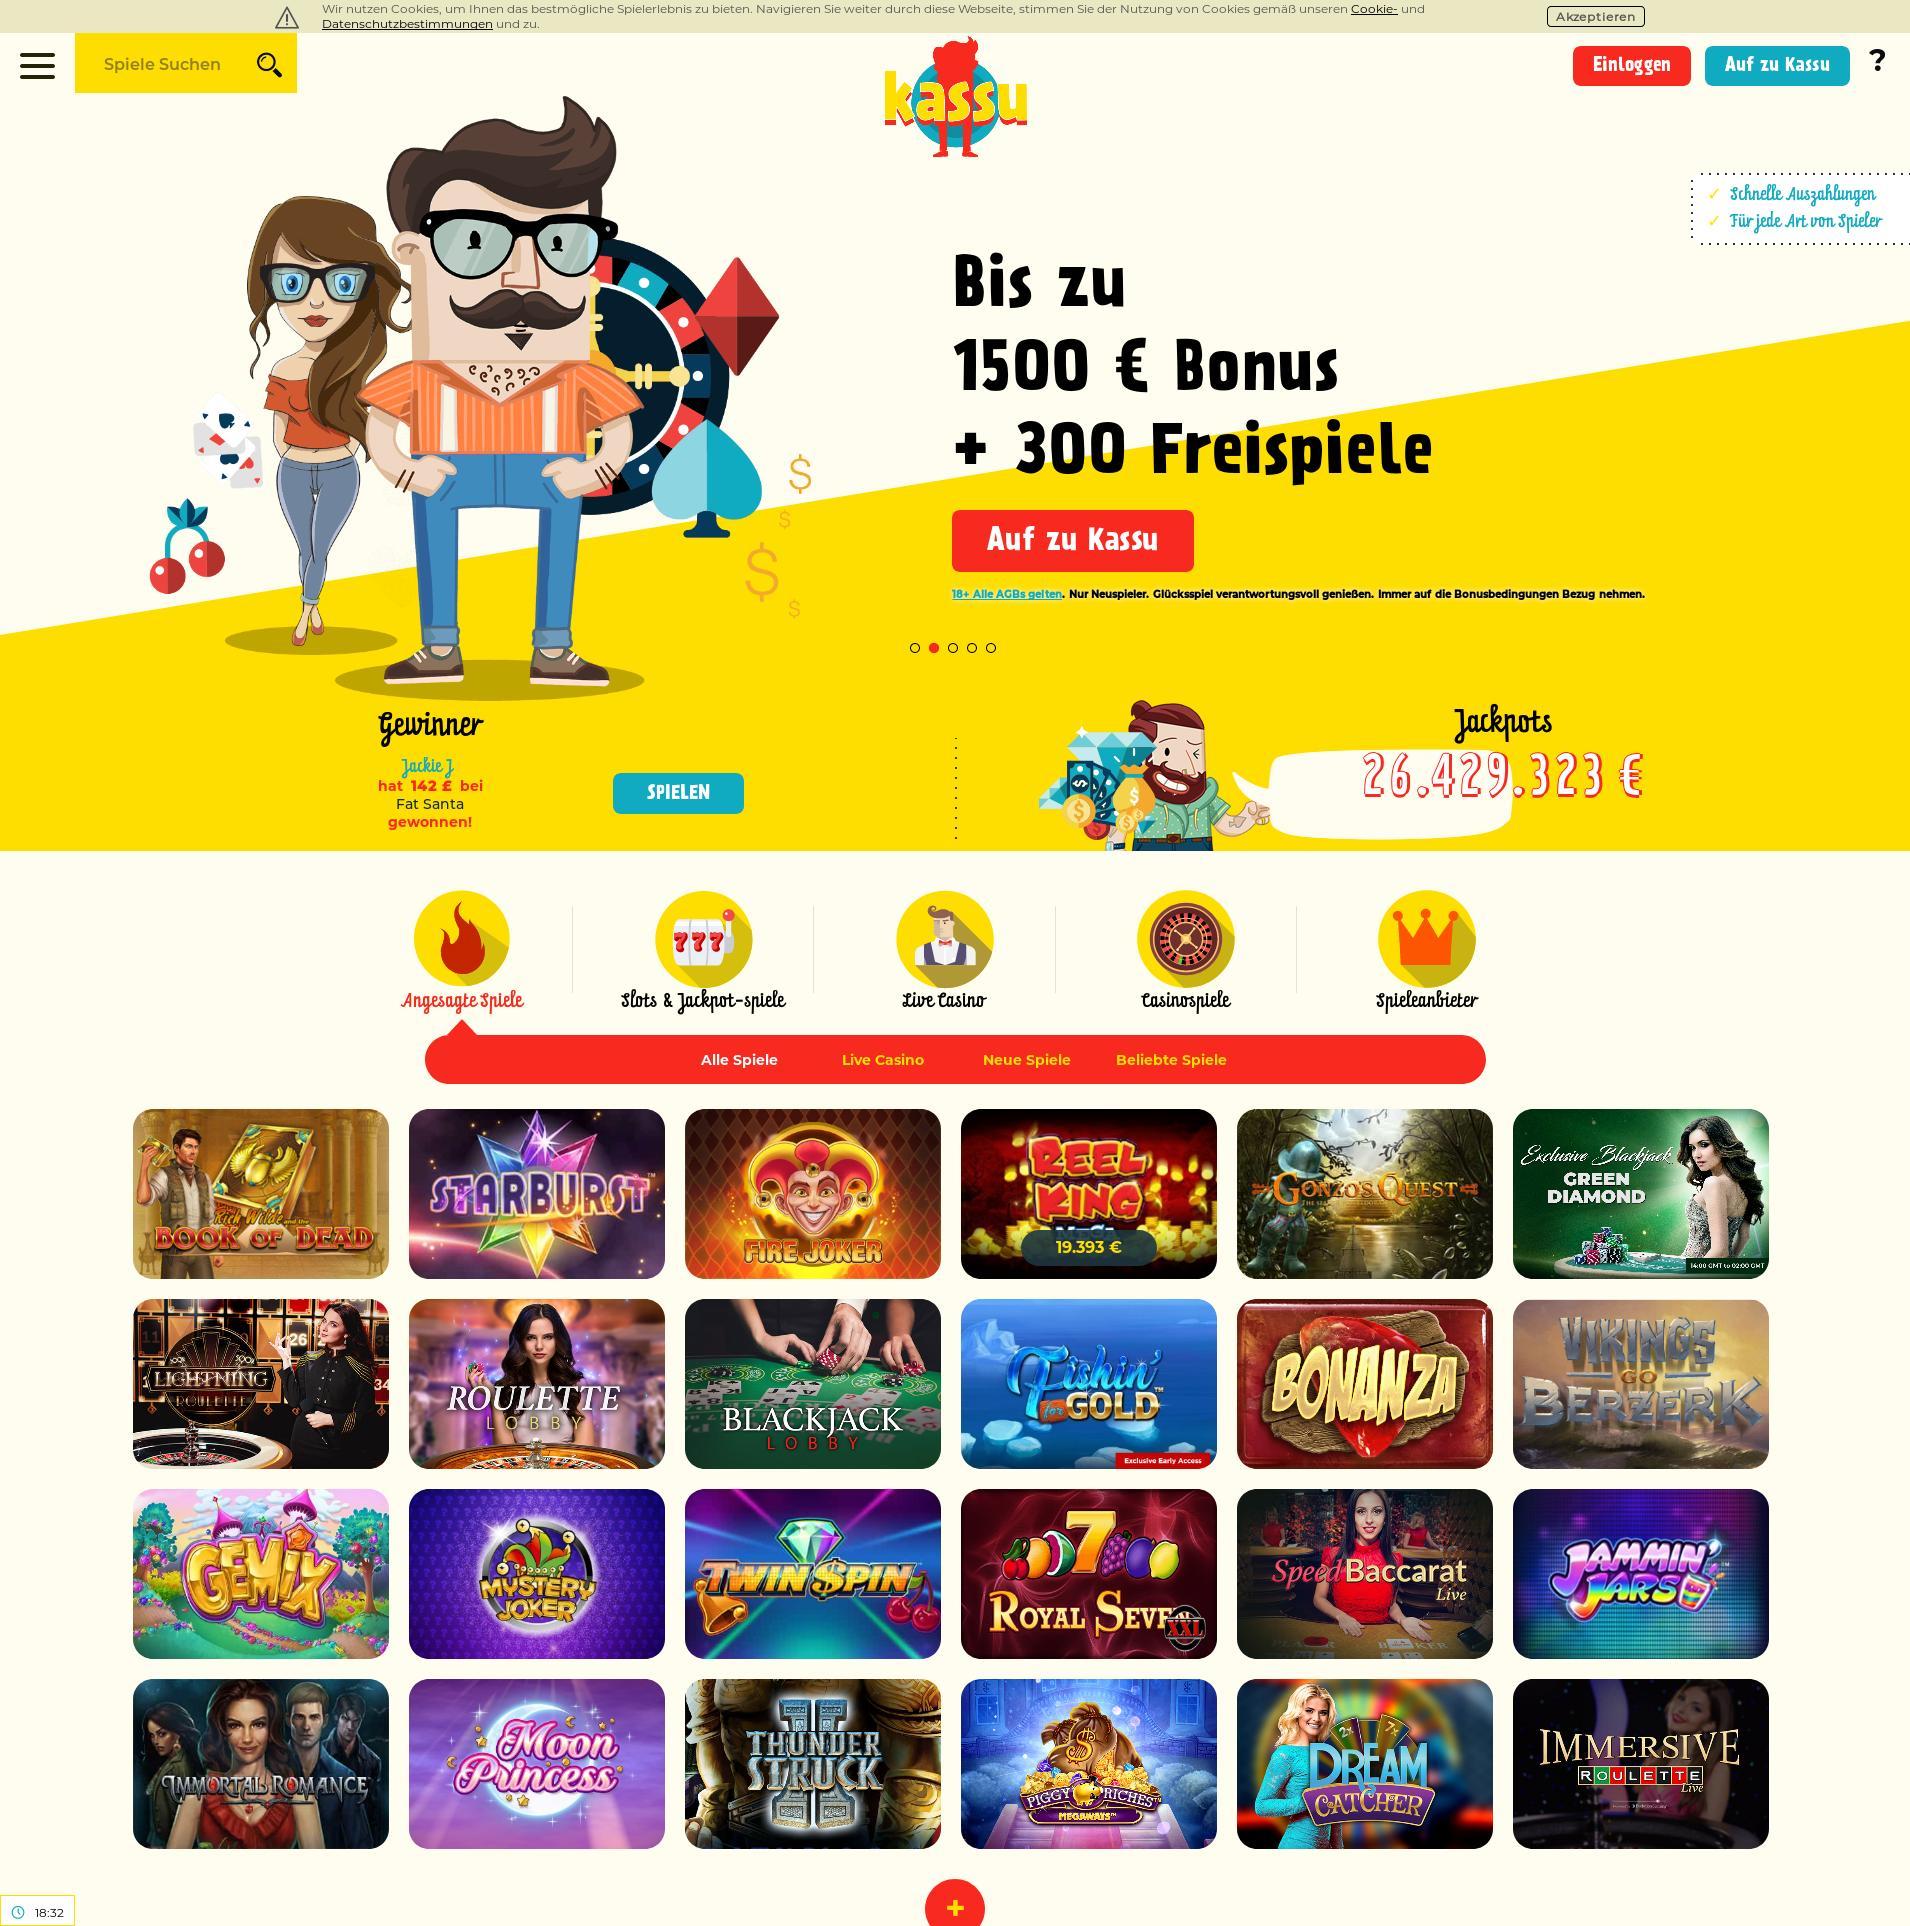 Casino Bildschirm Lobby 2020-02-24 zum Deutschland